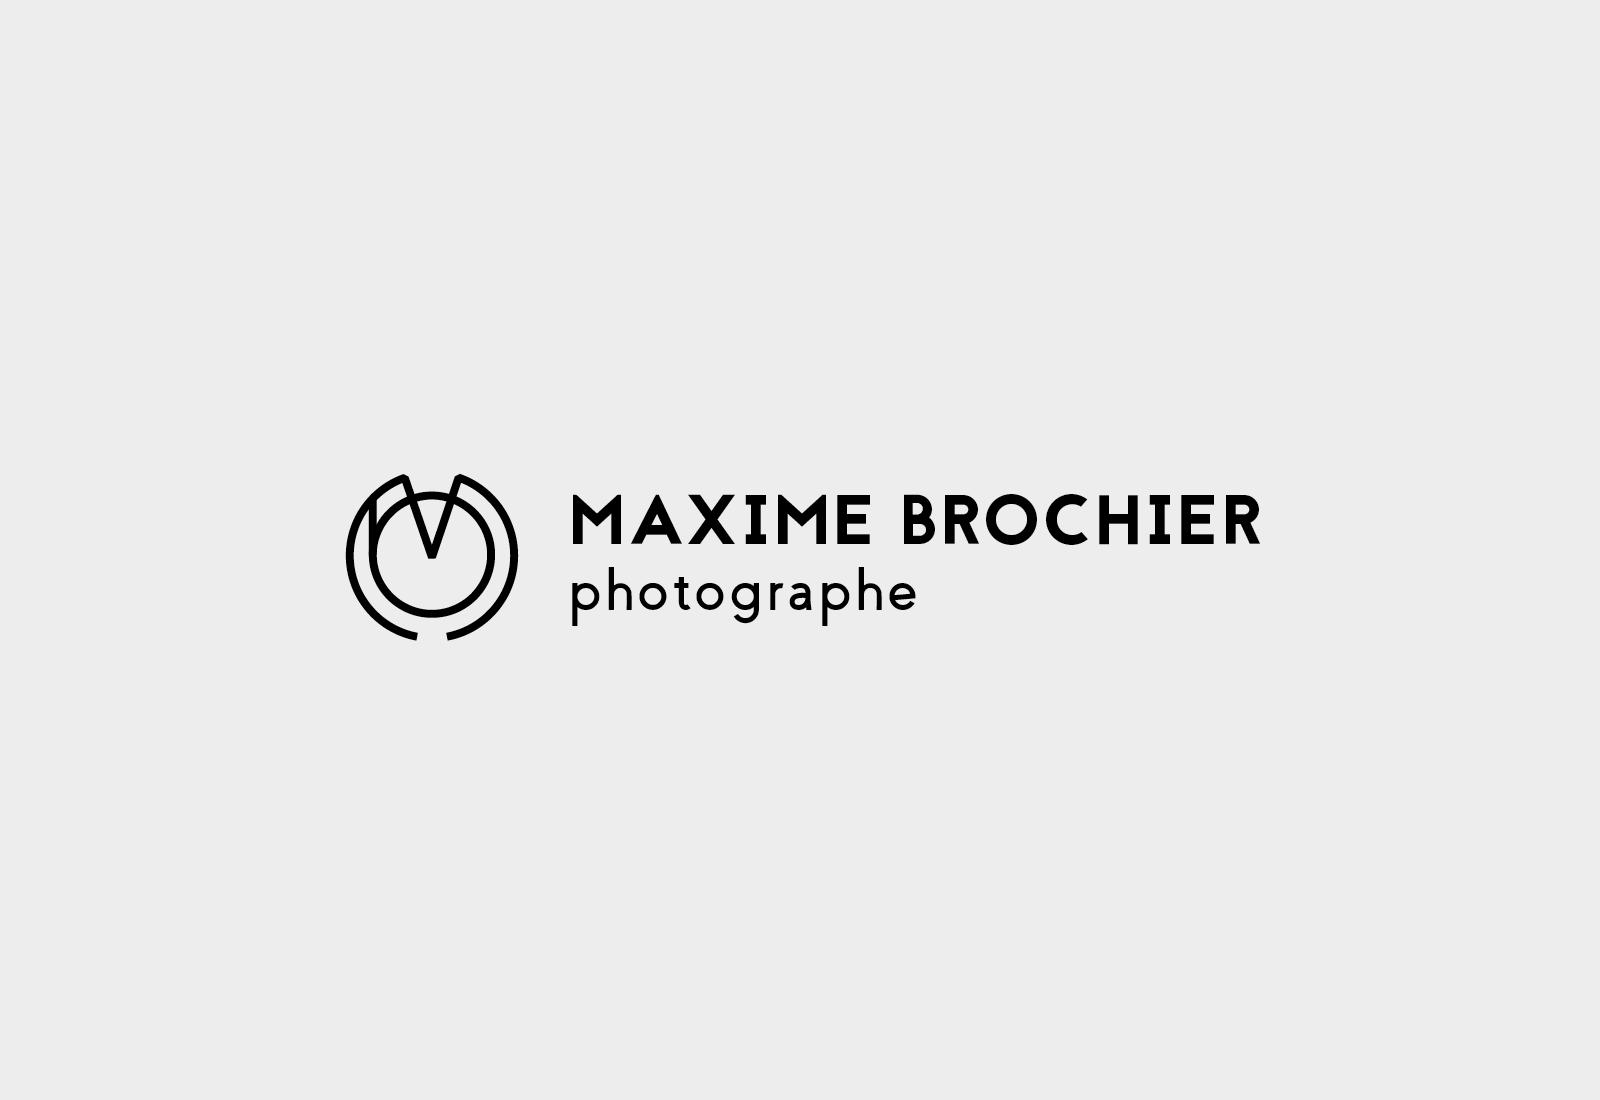 logo-maxime-brochier3